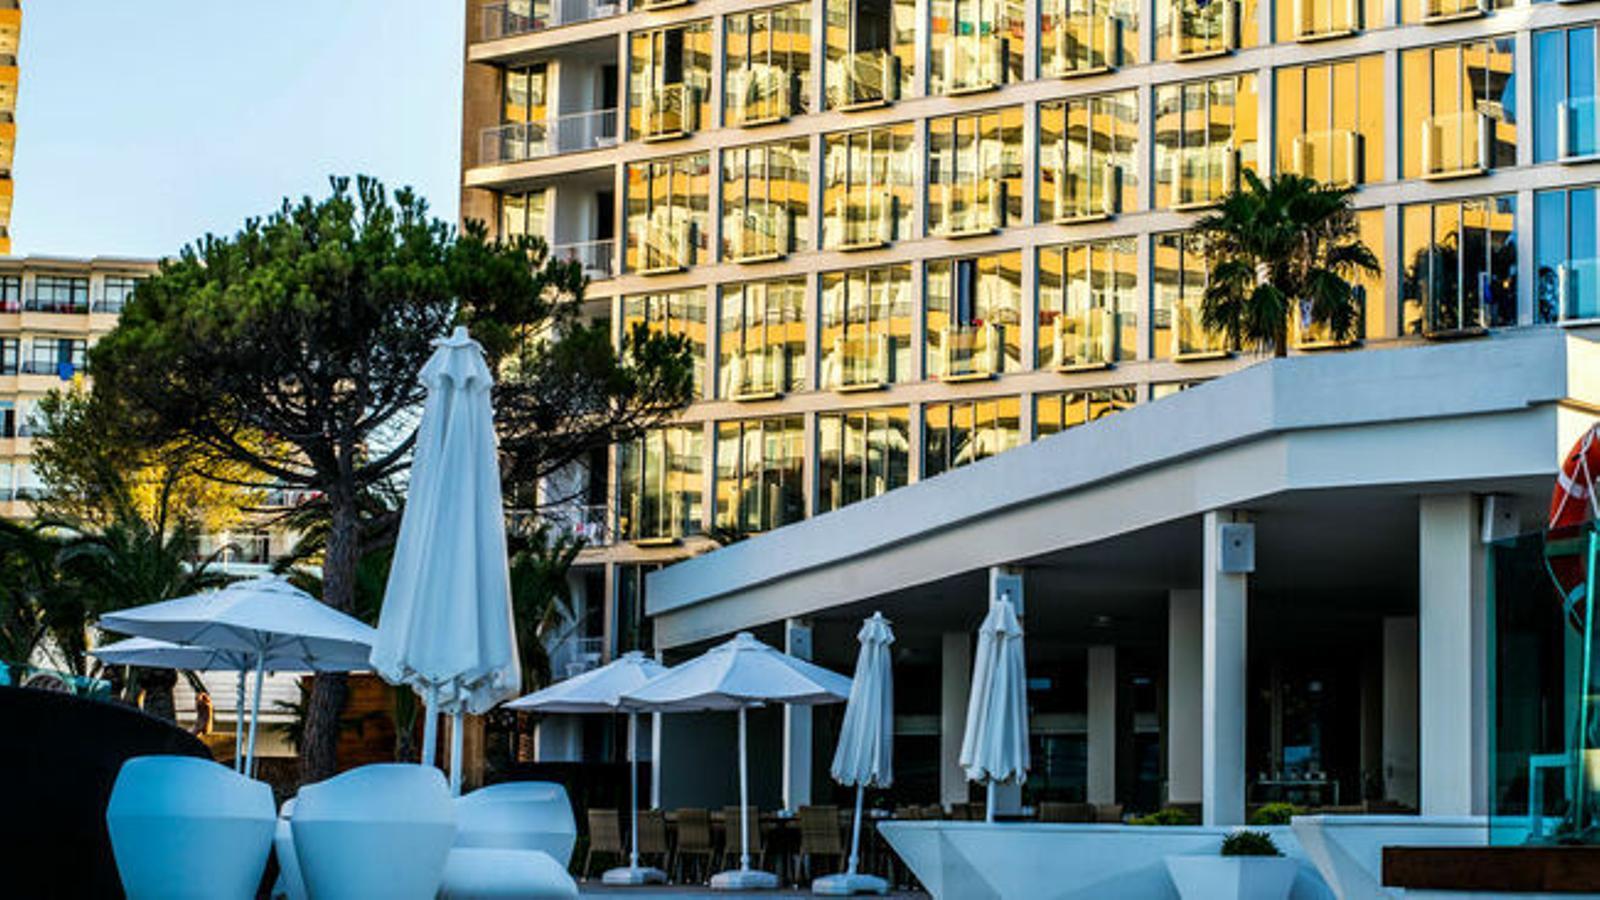 Hotel de les Illes Balears